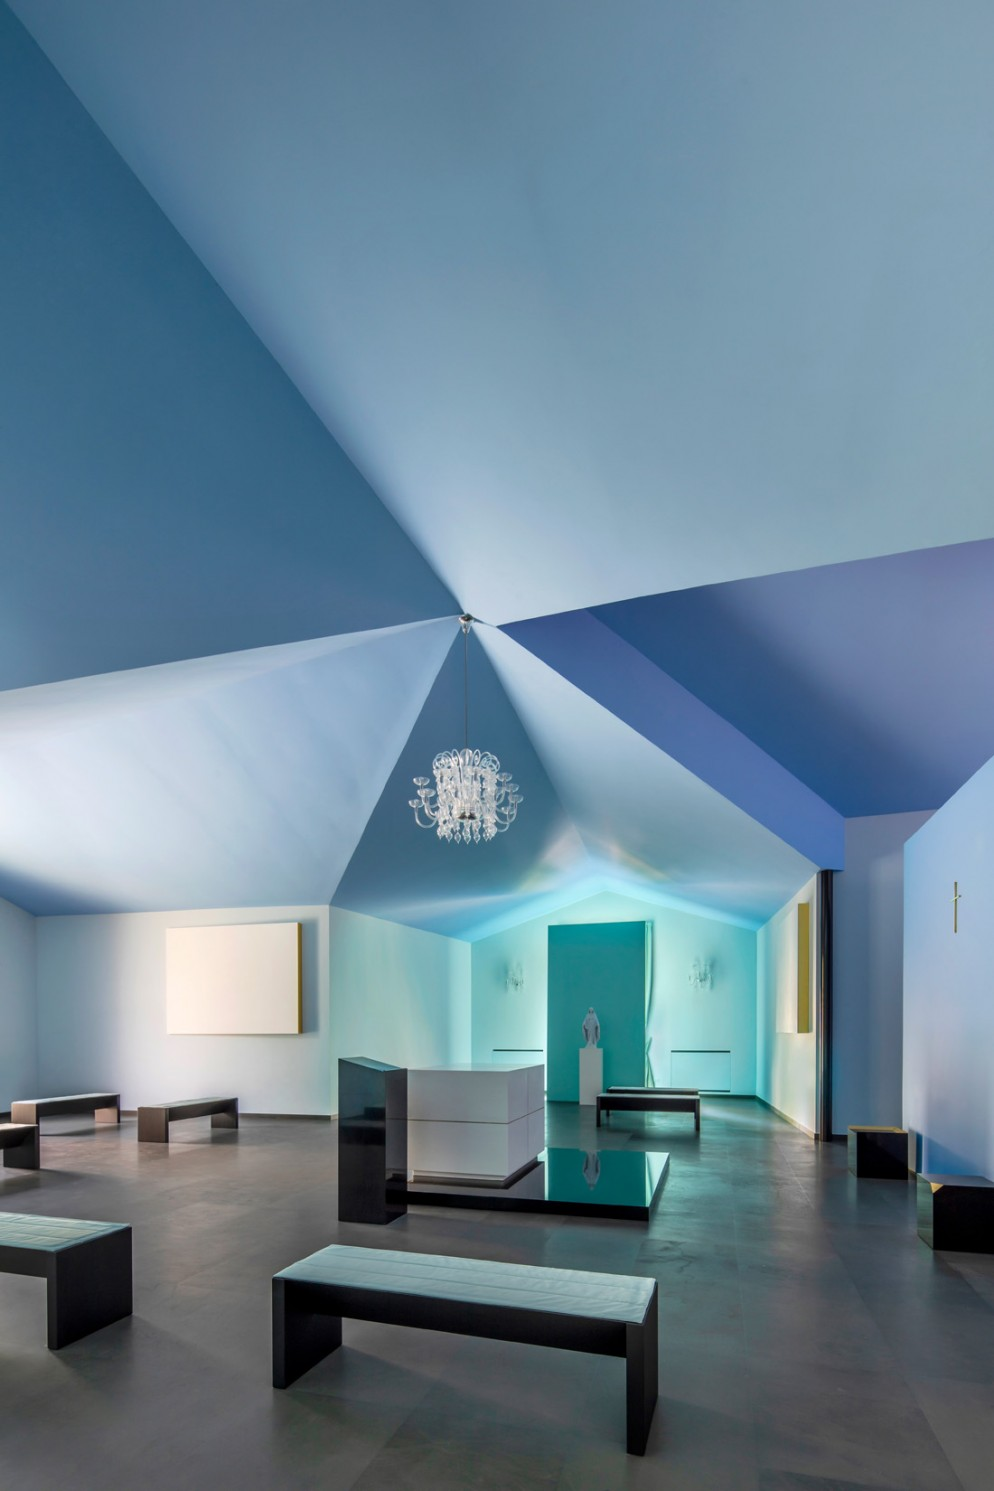 design-tour-abruzzo-cosa-vedere-indirizzi-hotel-ristoranti-musei-mostre-alberghi-11